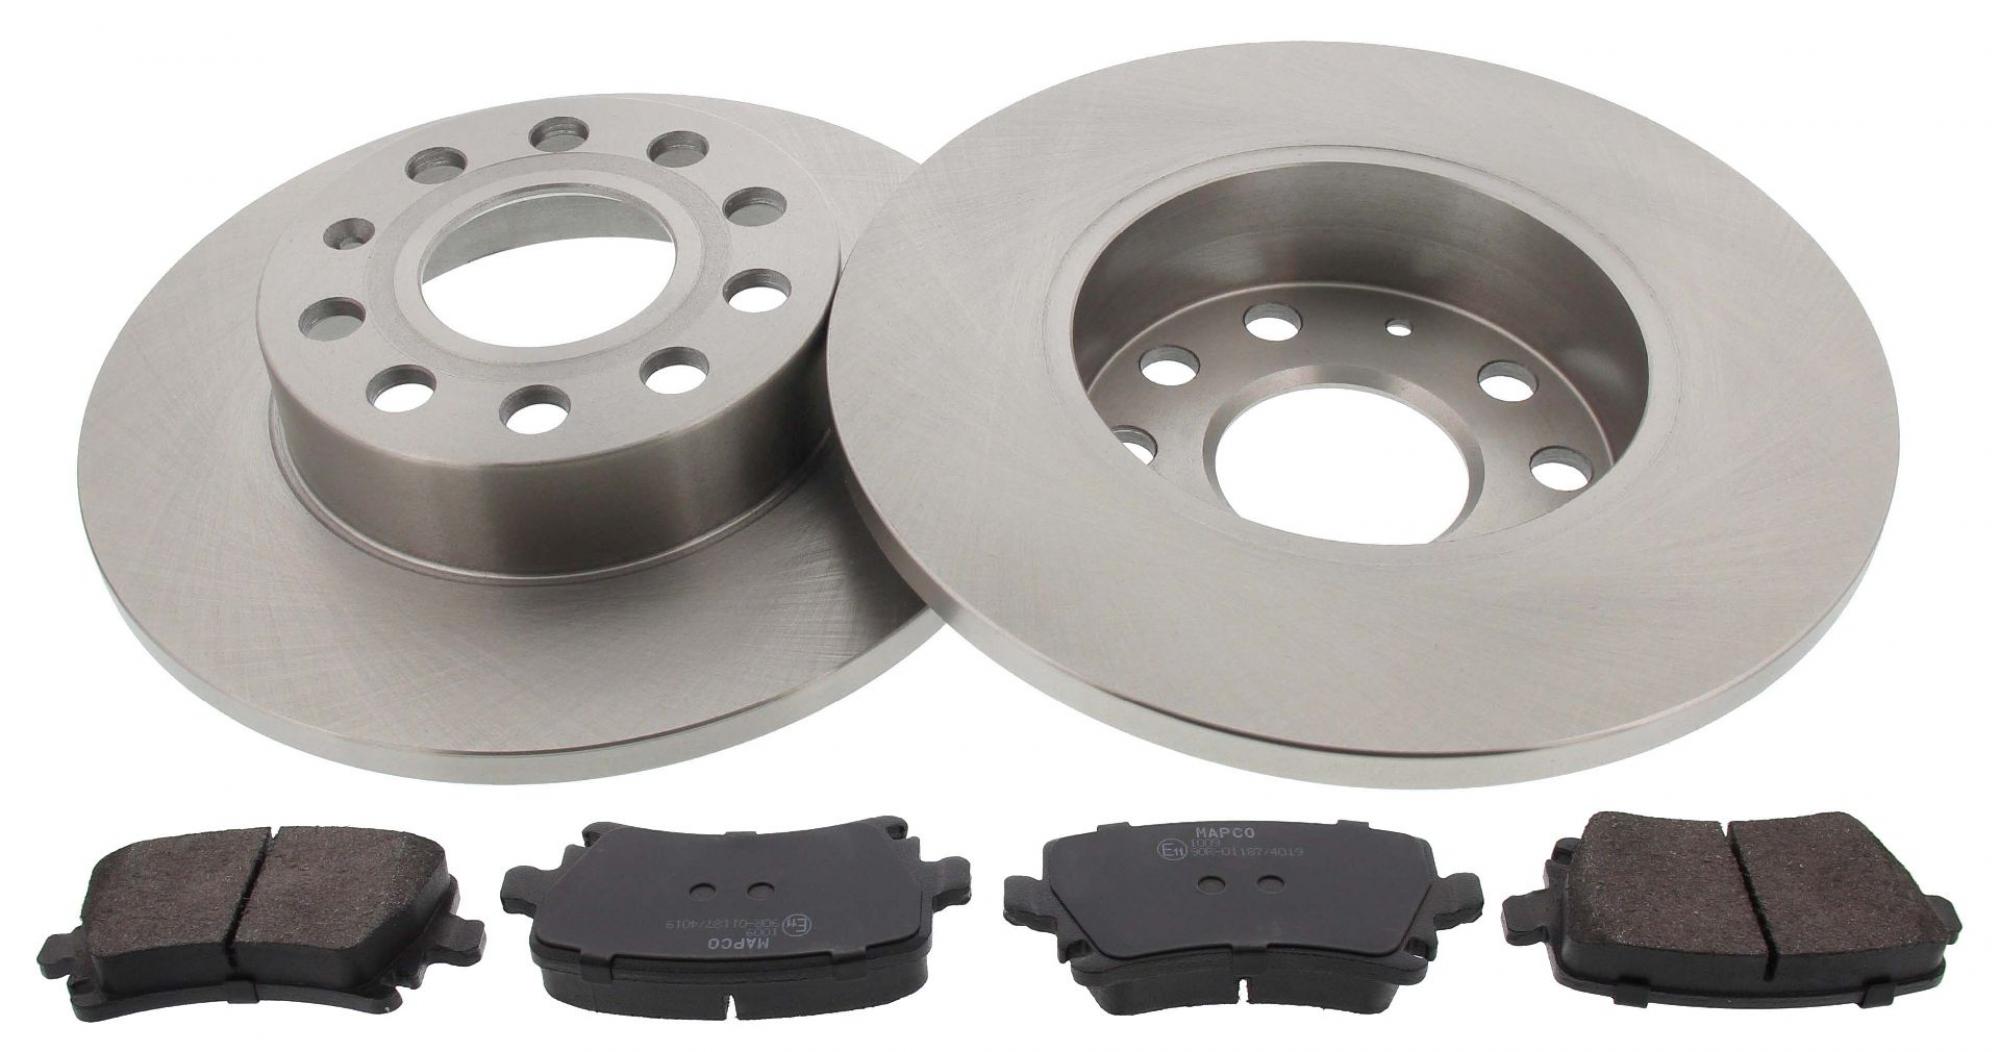 MAPCO 47837 brake kit